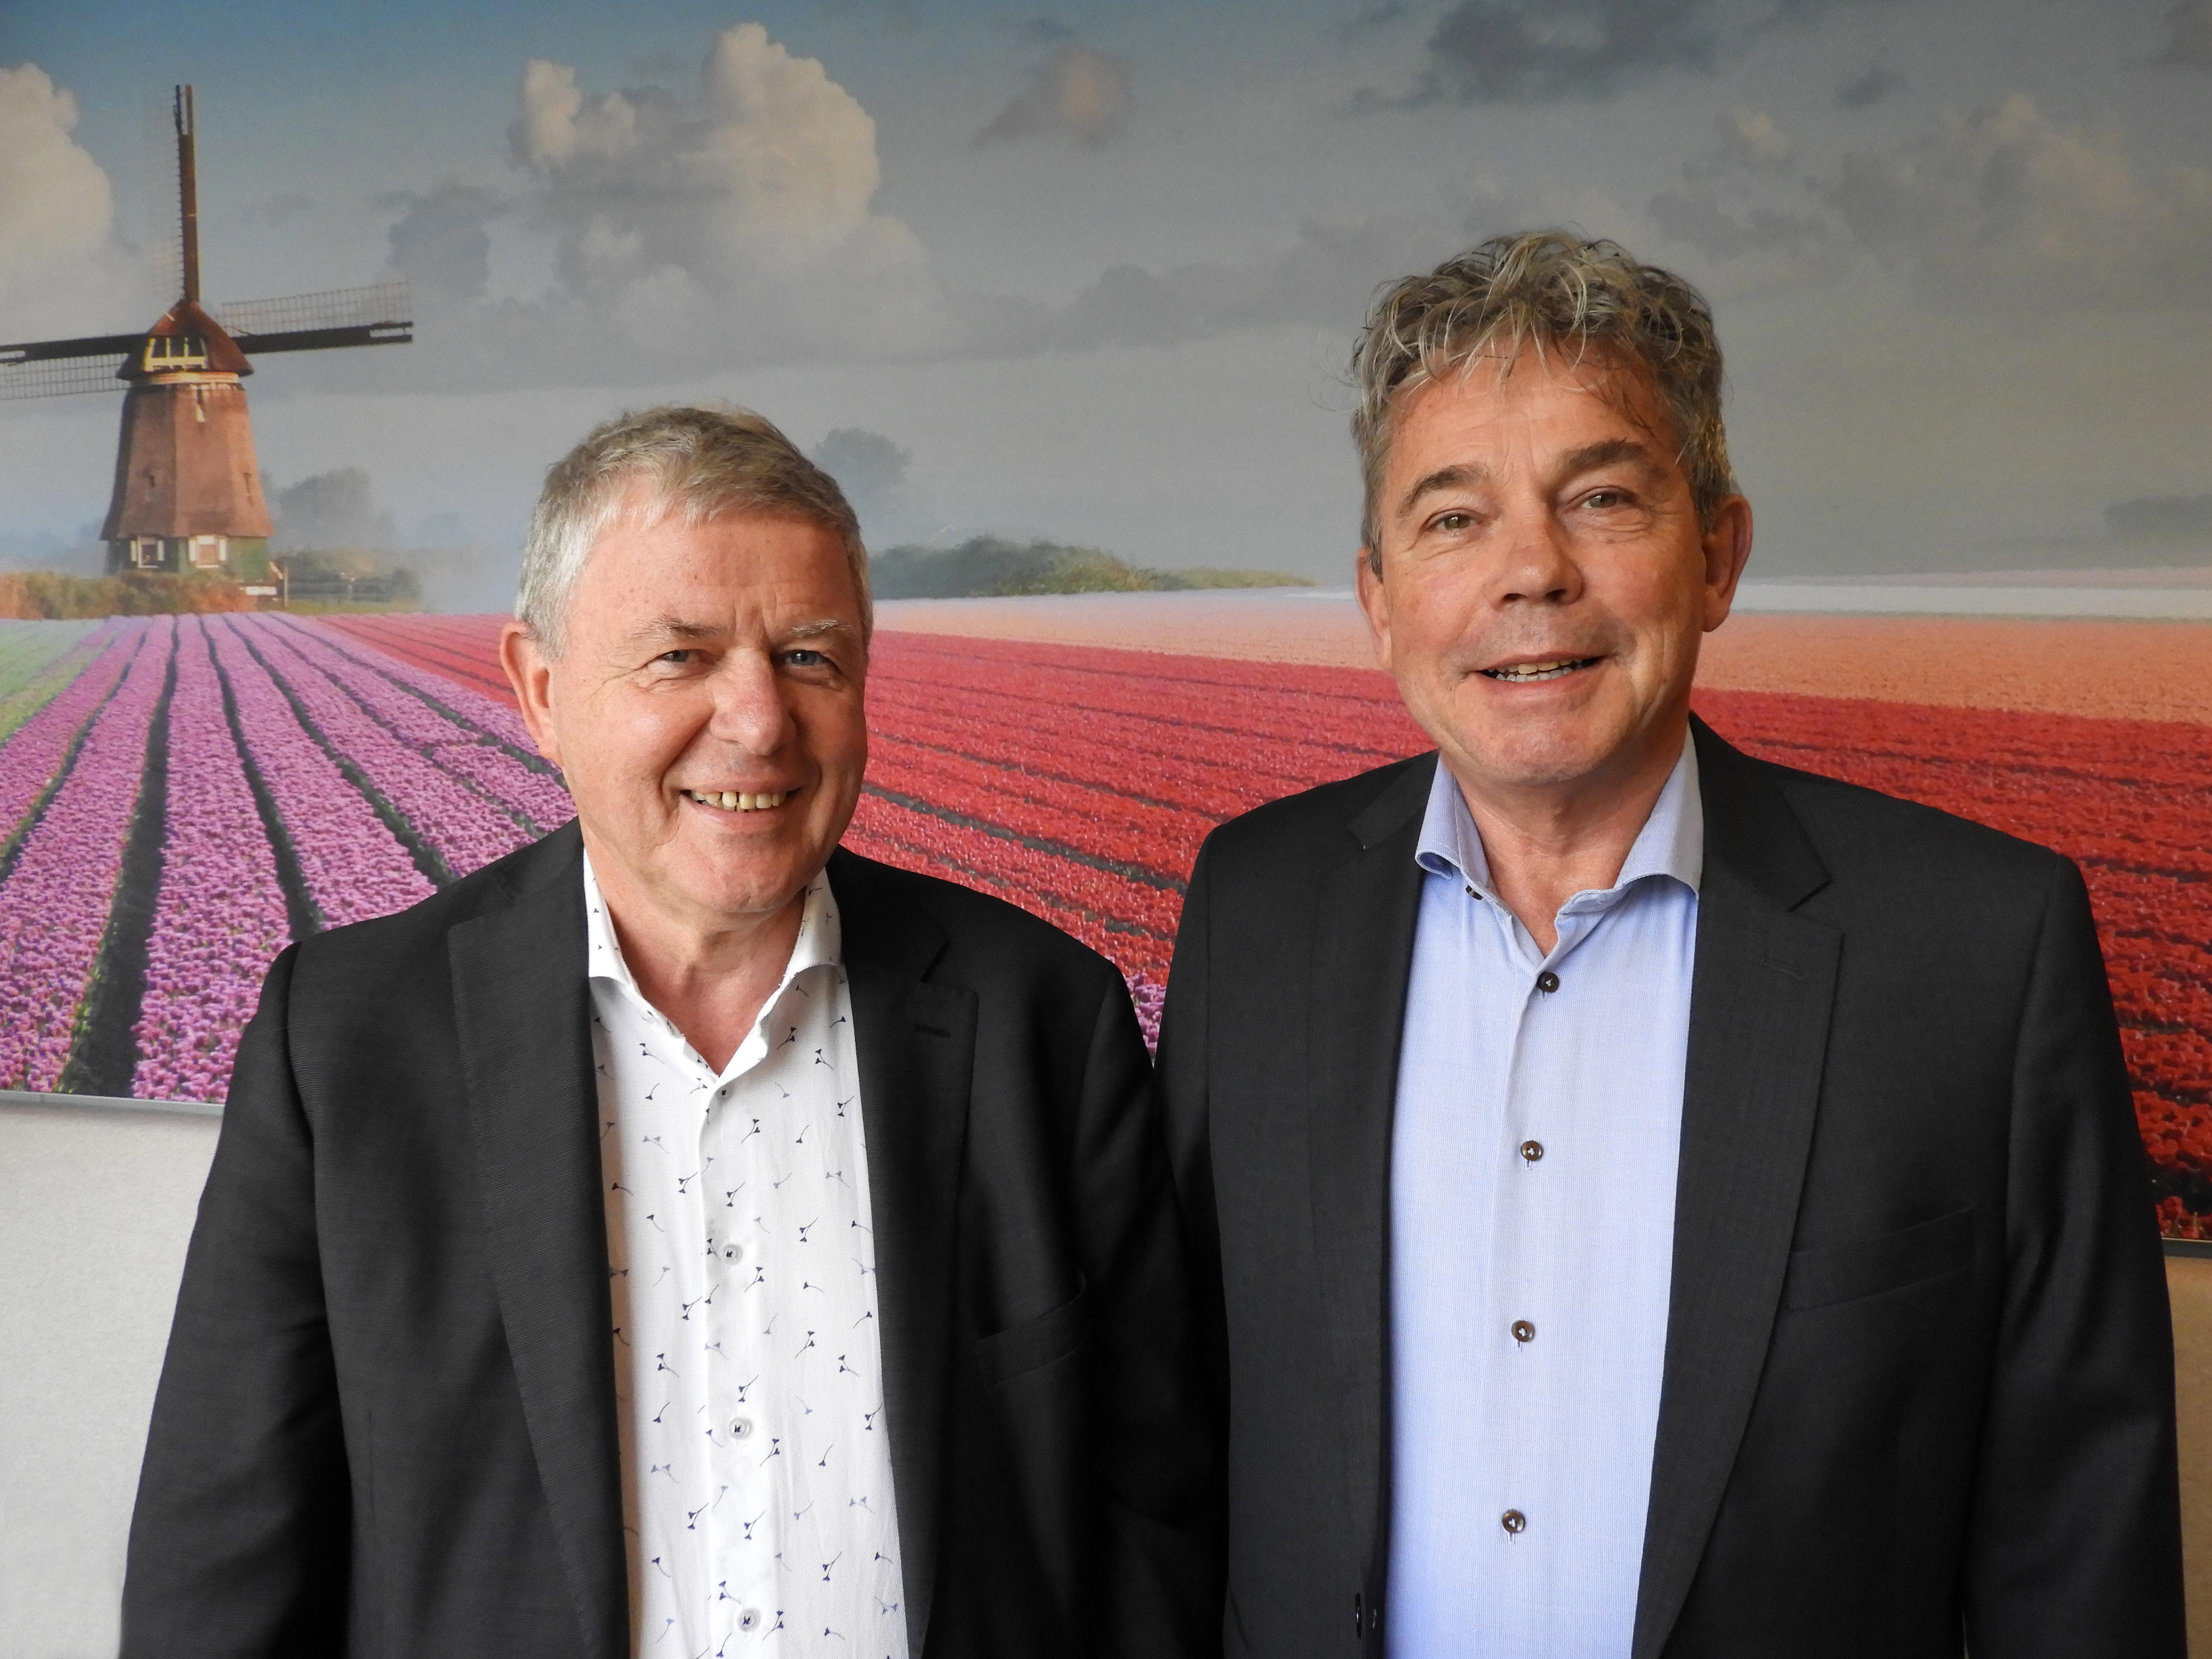 Gerard Erents, voormalig voorzitter RvC (links) en Hans Koning, nieuwe voorzitter RvC. (Foto: aangeleverd)